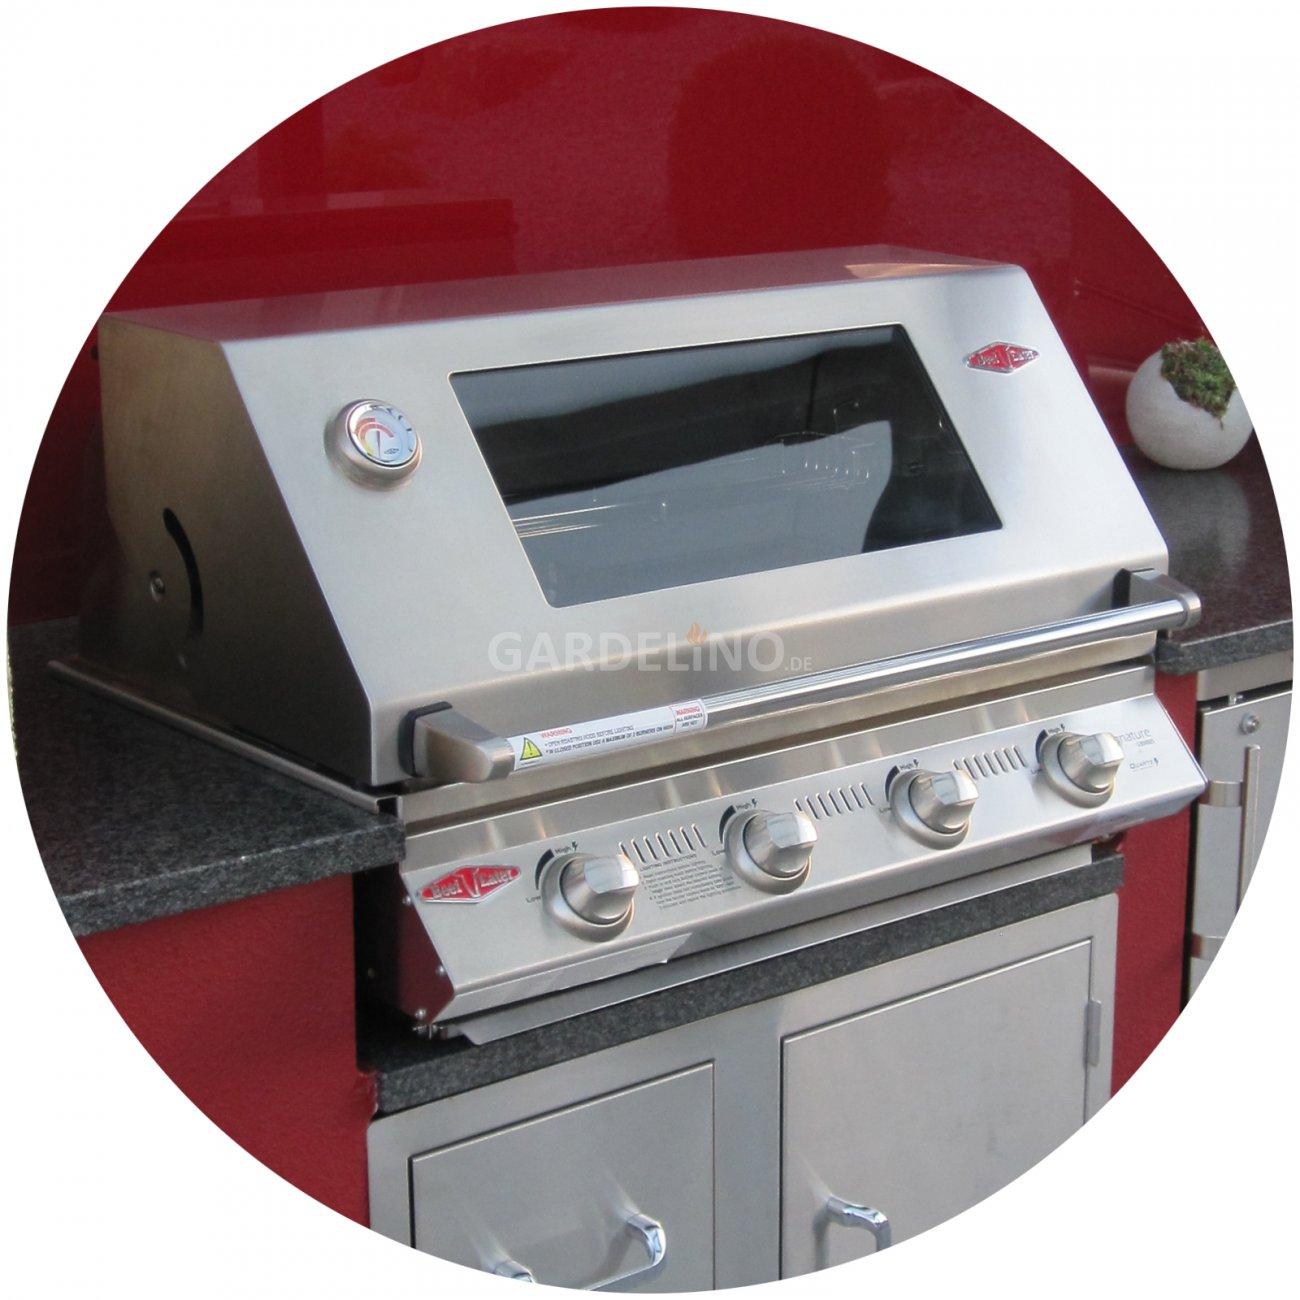 Ungewöhnlich Sarah Newton Kücheentwerfer Ideen - Küche Set Ideen ...